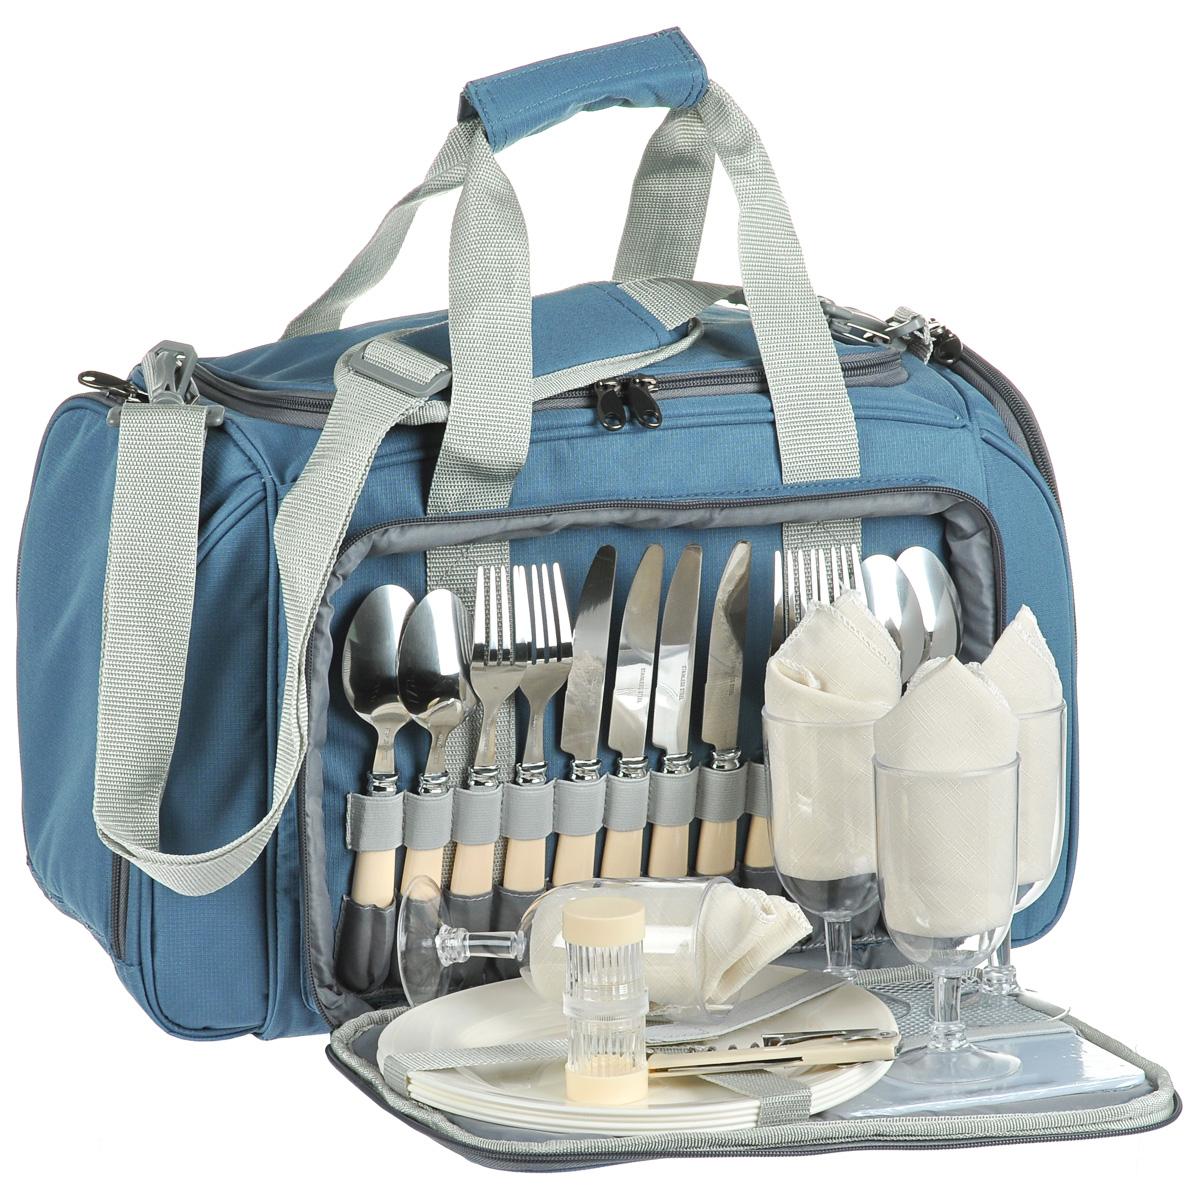 Термосумка Norfin Vardo, с посудой, цвет: голубой, серый, 52 см х 30 см х 31 смNFL-40106Сумка Norfin Vardo с набором для пикника на 4 персоны и с легкомоющимся термоотделением для продуктов объемом 20 л. Сумка оснащена двойными ручками и регулируемым по длине наплечным ремнем. В комплект входит посуда и принадлежности для пикника: 4 ложки. 4 вилки. 4 ножа 4 тарелки. 4 бокала. 4 тканевые салфетки. Разделочная доска. Открывалка-штопор. Солонка двухсекционная. Нож сырный. Длина ножей: 21 см. Длина вилок: 20 см. Длина ложек: 19 см. Диаметр тарелок: 23,5 см. Высота тарелок: 2 см. Диаметр бокалов: 6,5 см. Высота бокалов: 14 см. Размер салфеток: 34 см х 34 см. Размер разделочной доски: 18 см х 15 см. Длина открывалки-штопора: 11 см. Диаметр солонки: 3,5 см. Высота солонки: 8 см. Длина сырного ножа: 21 см. Размер сумки: 52 см х 30 см х 31 см.